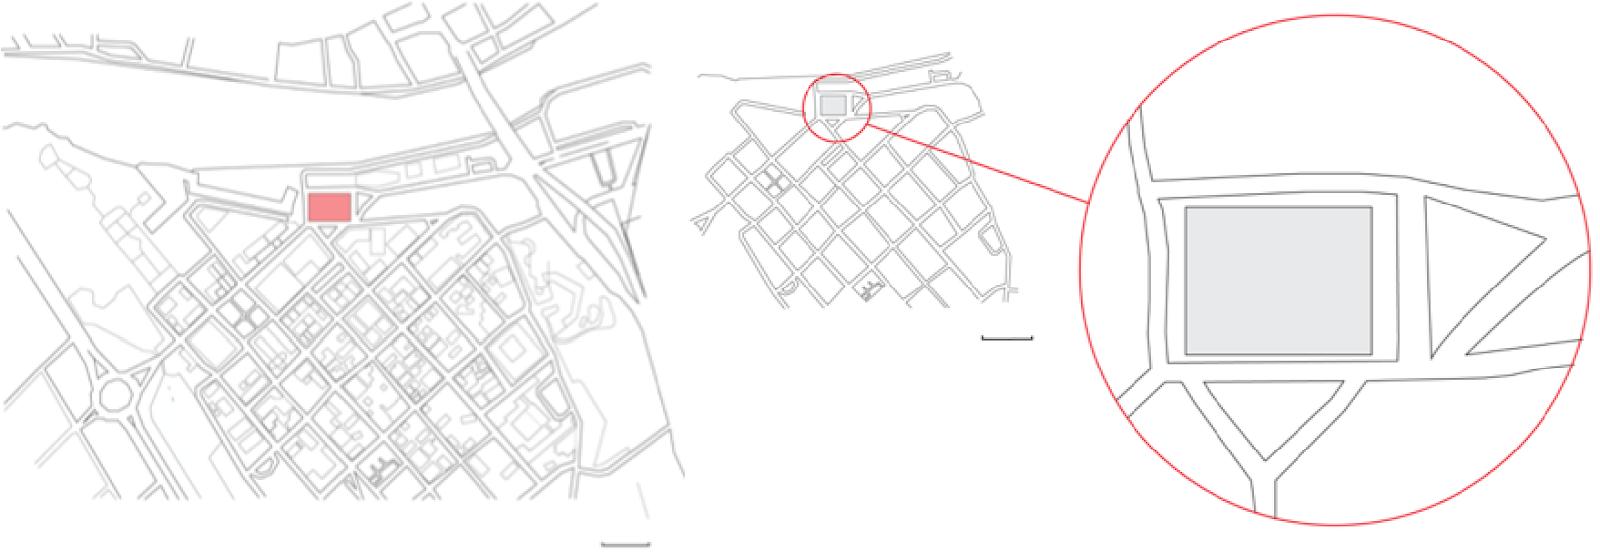 Block Plan & Site Plan